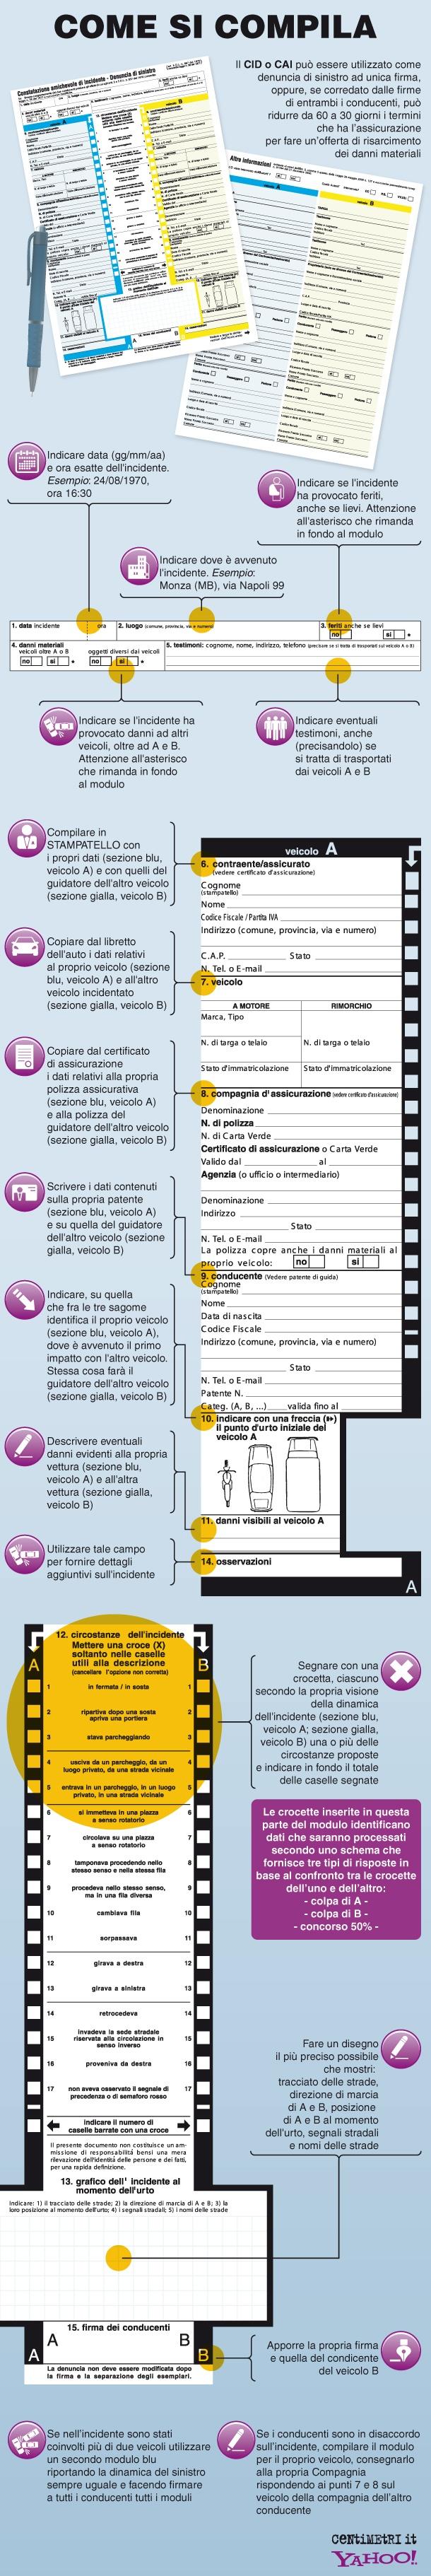 Sai come si compila la #constatazione #amichevole?    Da una ricerca condotta da #Directline, emerge che solo la metà degli italiani è in grado di compilare il #CID con sicurezza.  Ecco un'utile #infografica che può aiutarci a capire tutti i passaggi!